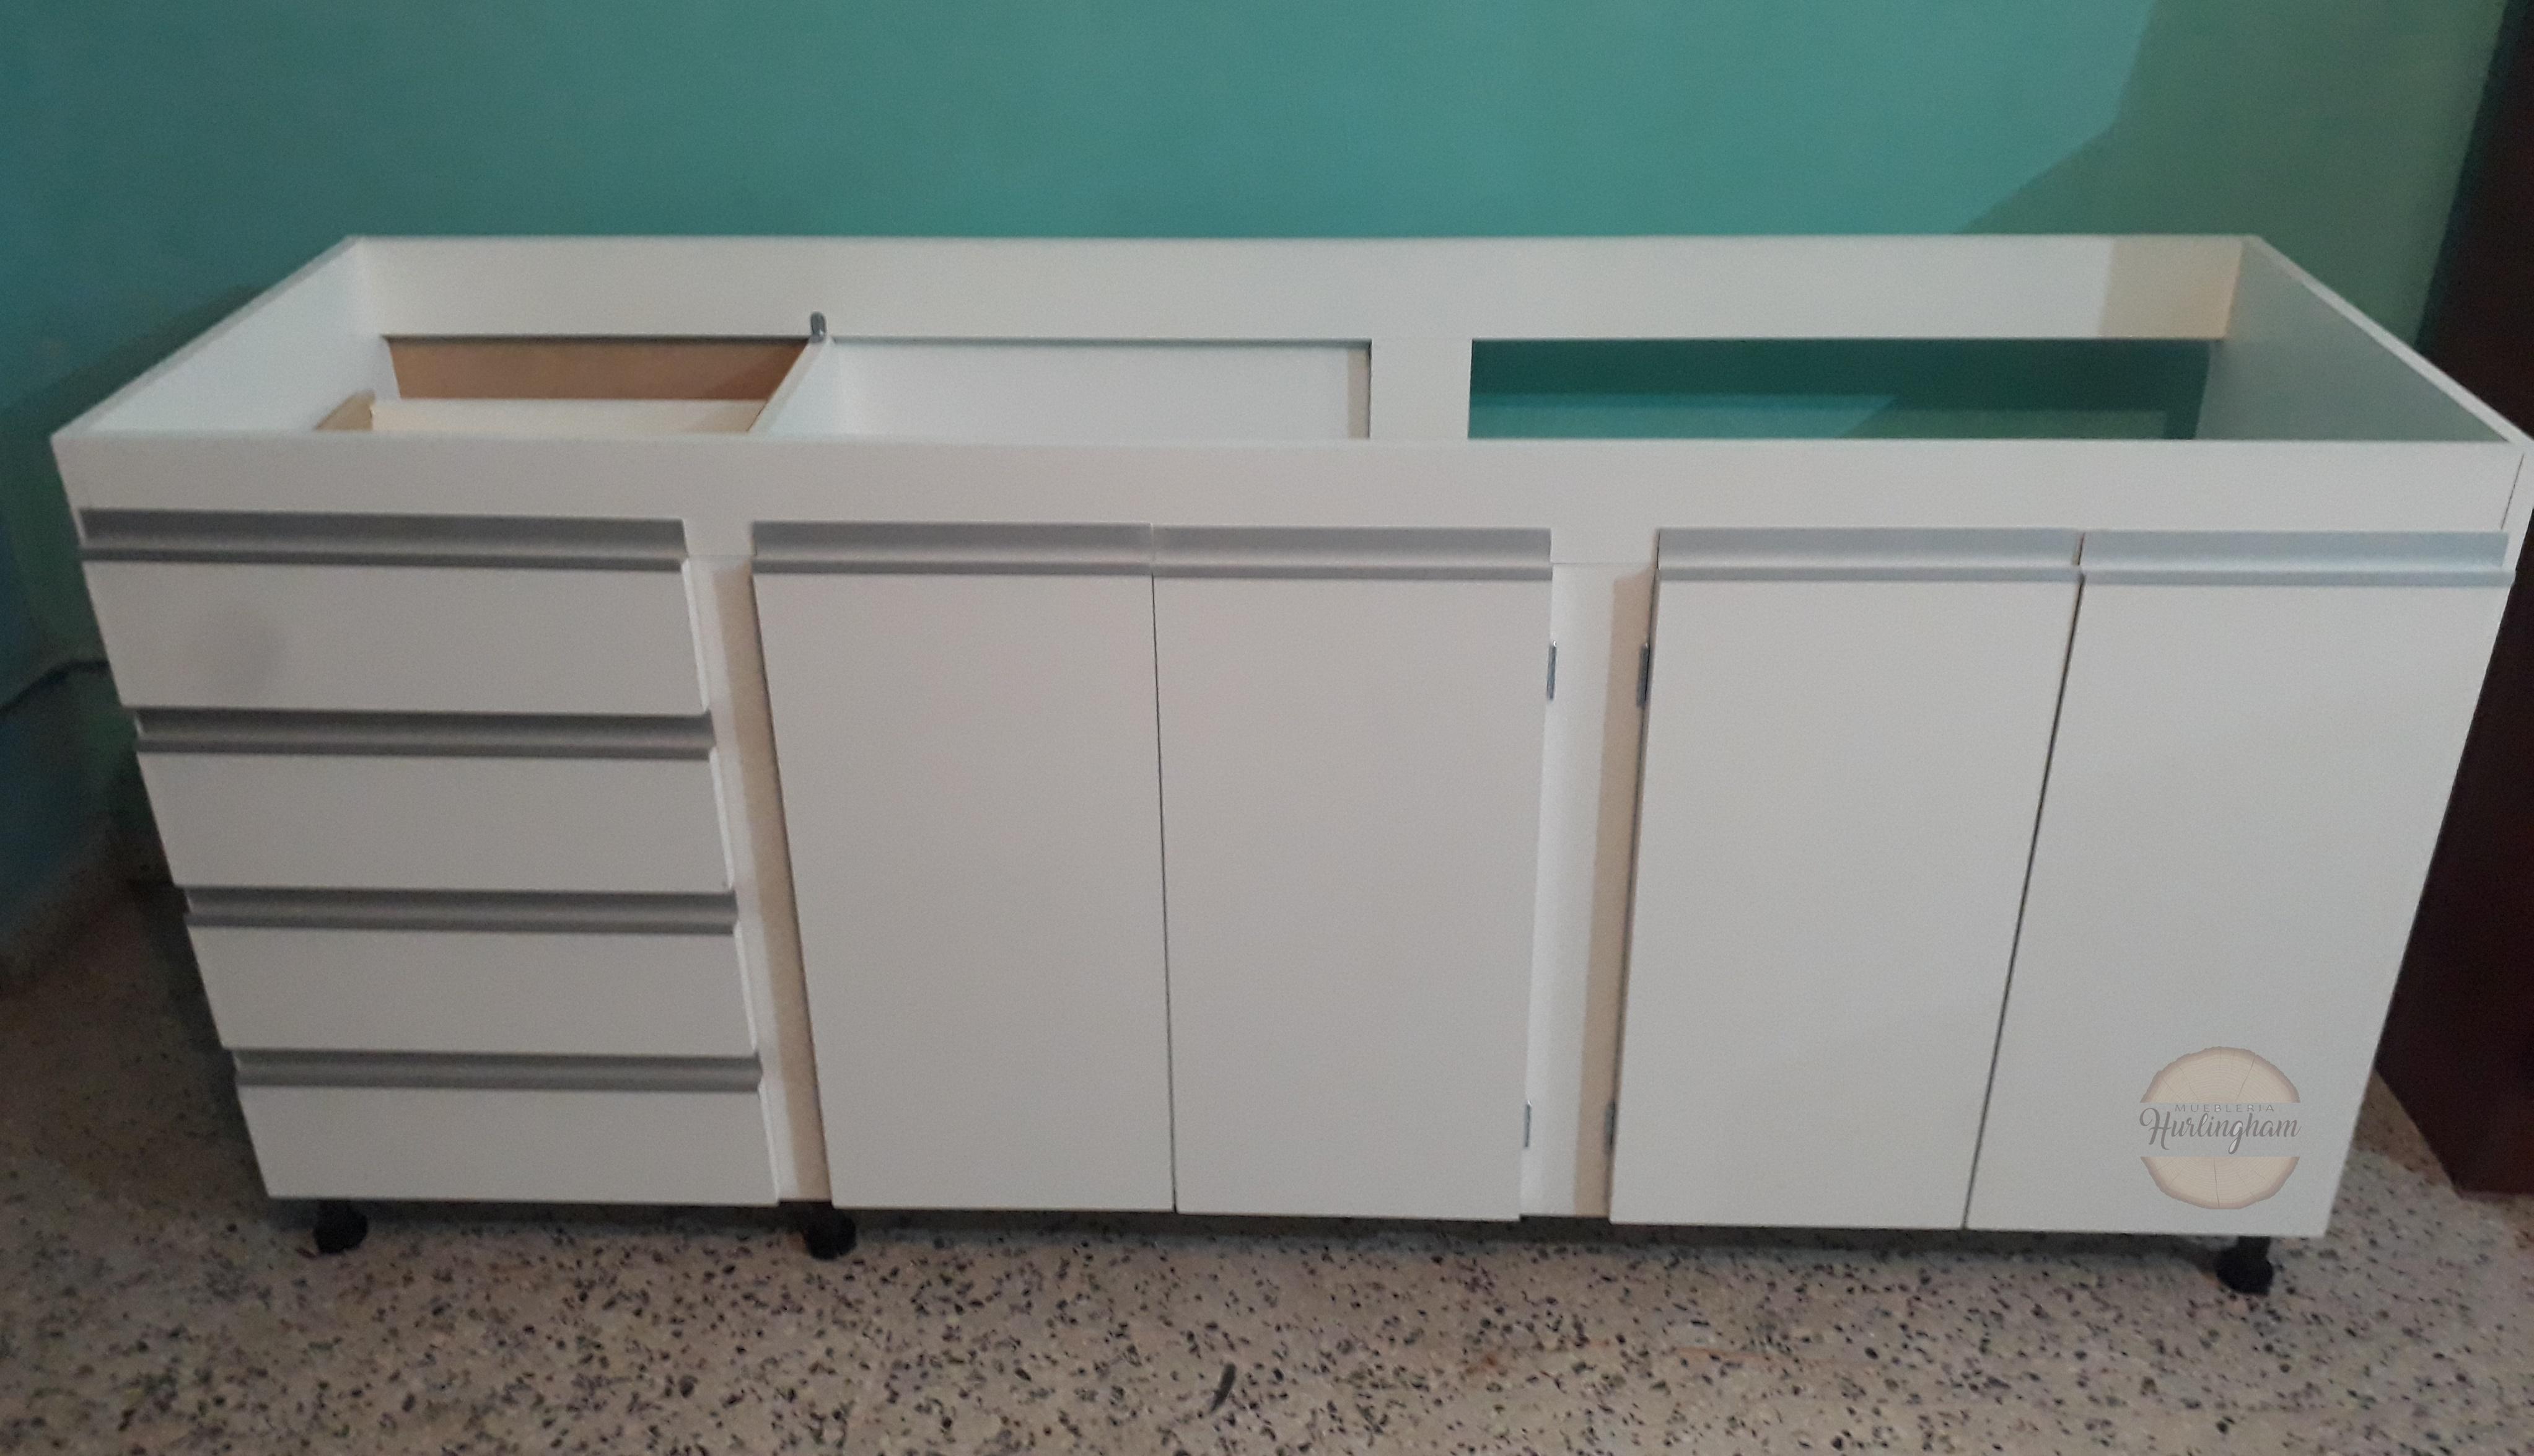 Mueble de cocina, bajo mesada en melamina 18 mm blanco con perfiles J